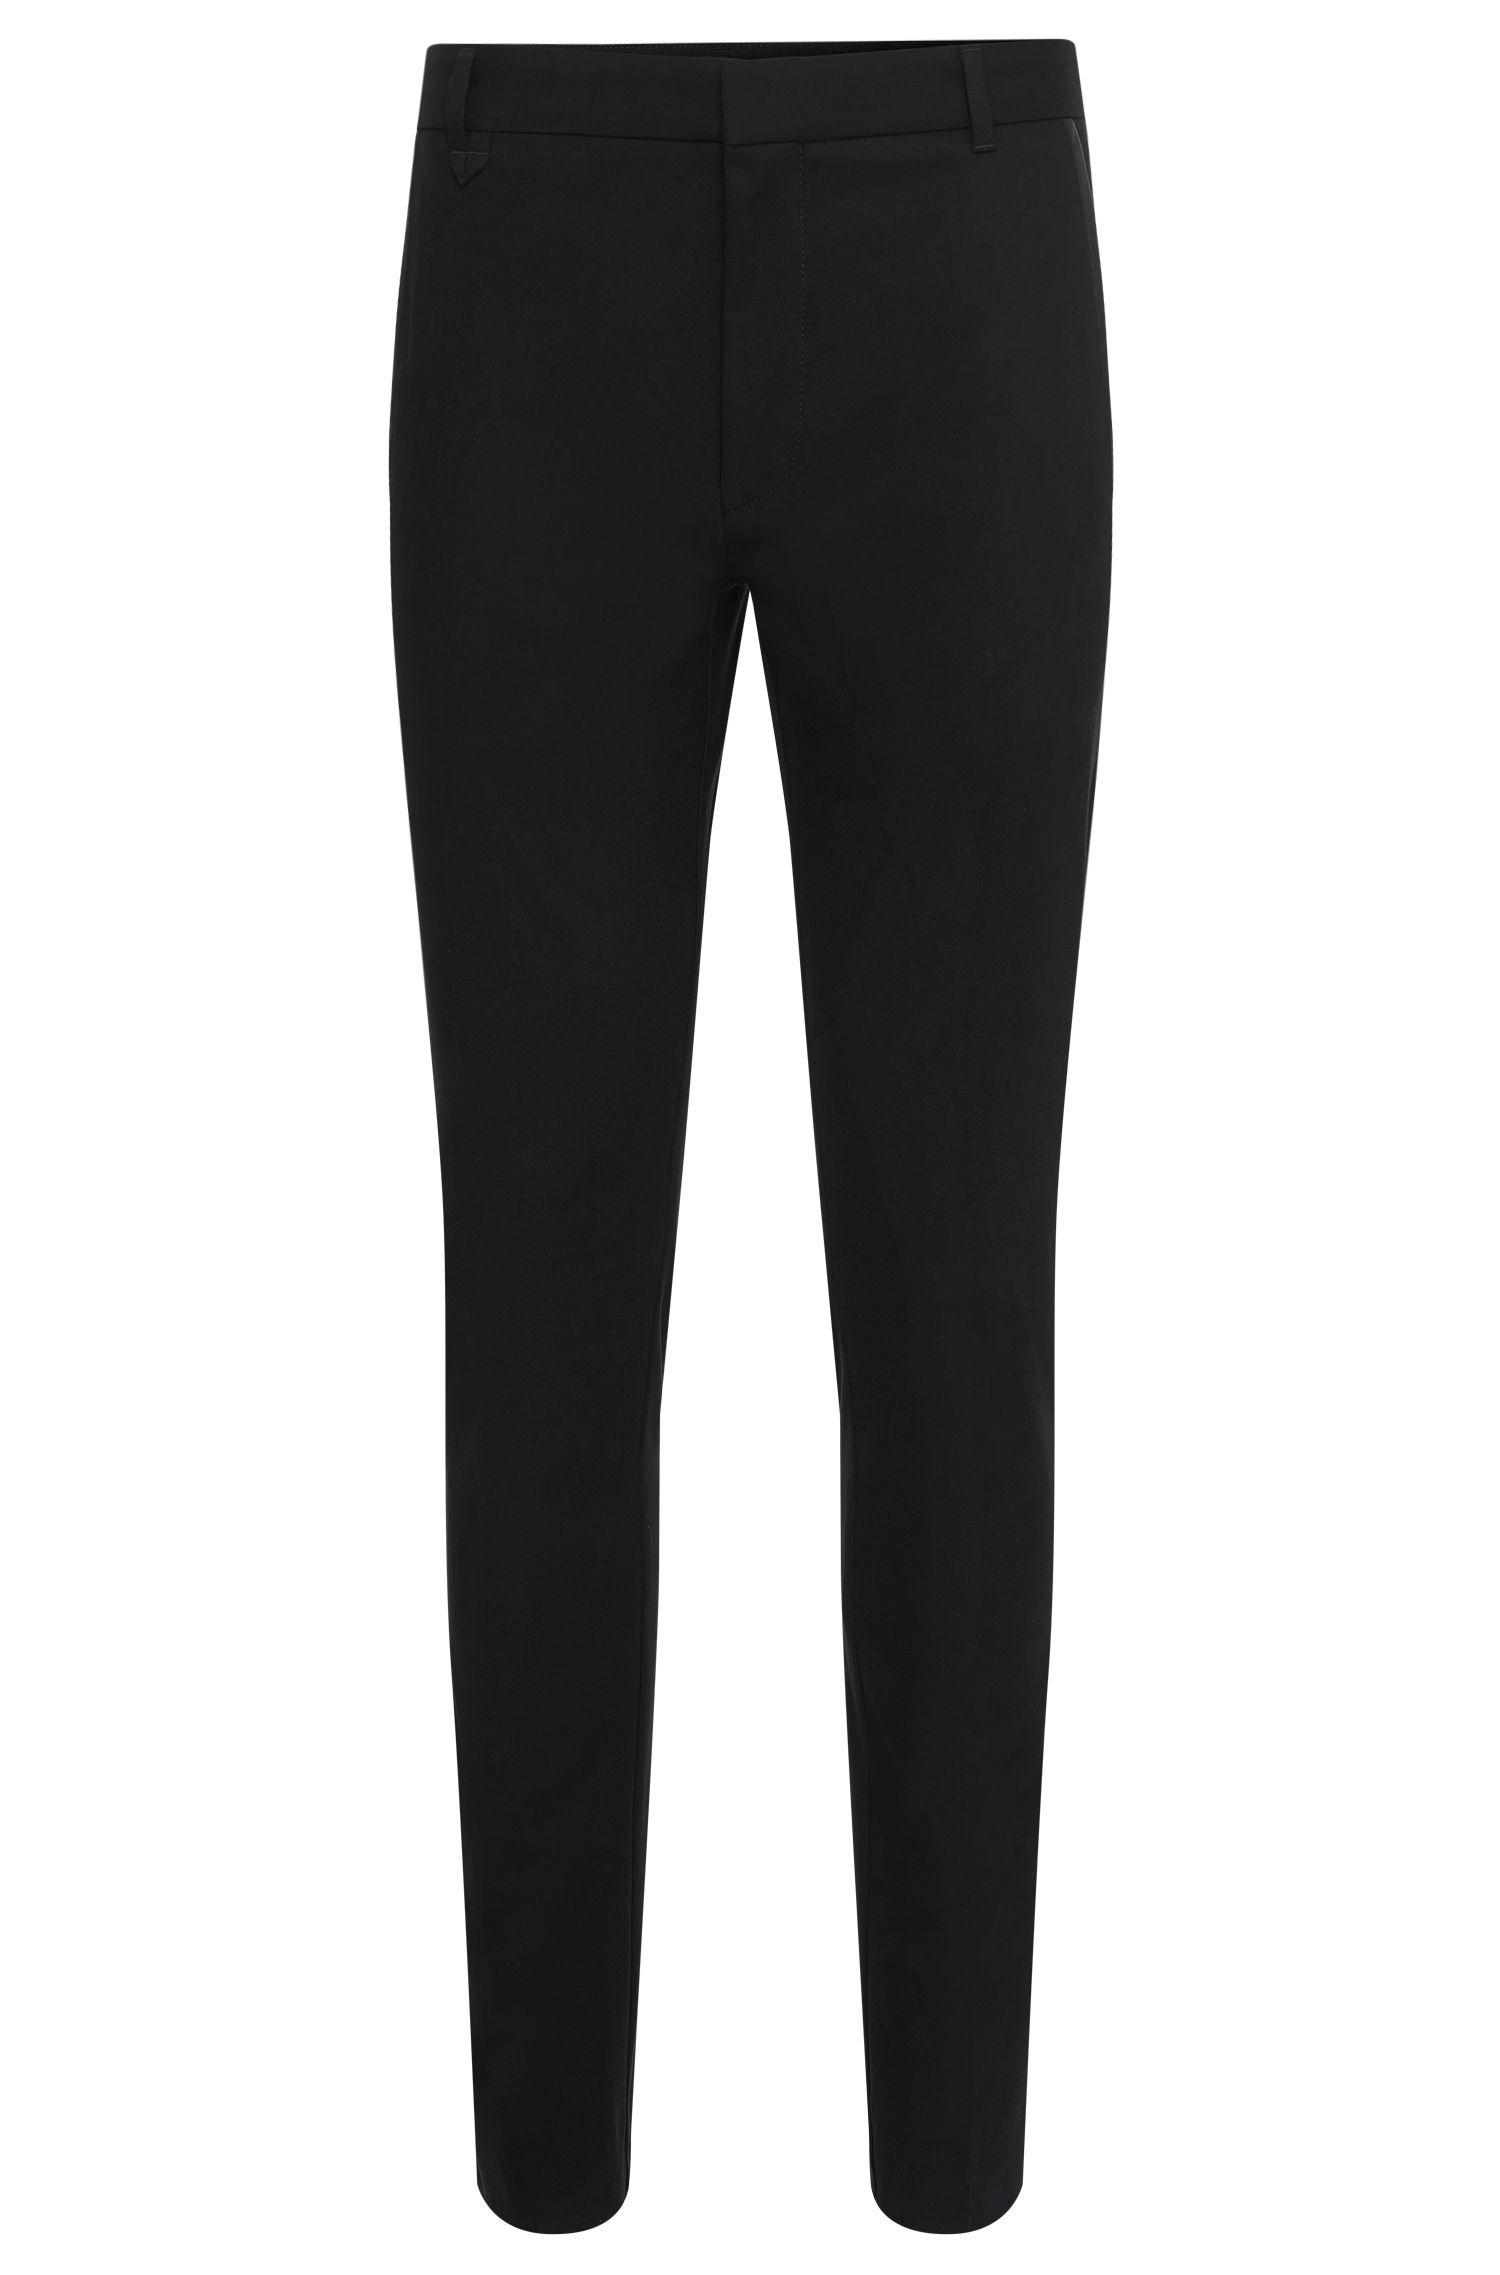 Pantalón extra slim fit en algodón elástico con detalles en imitación piel: 'Halyk'